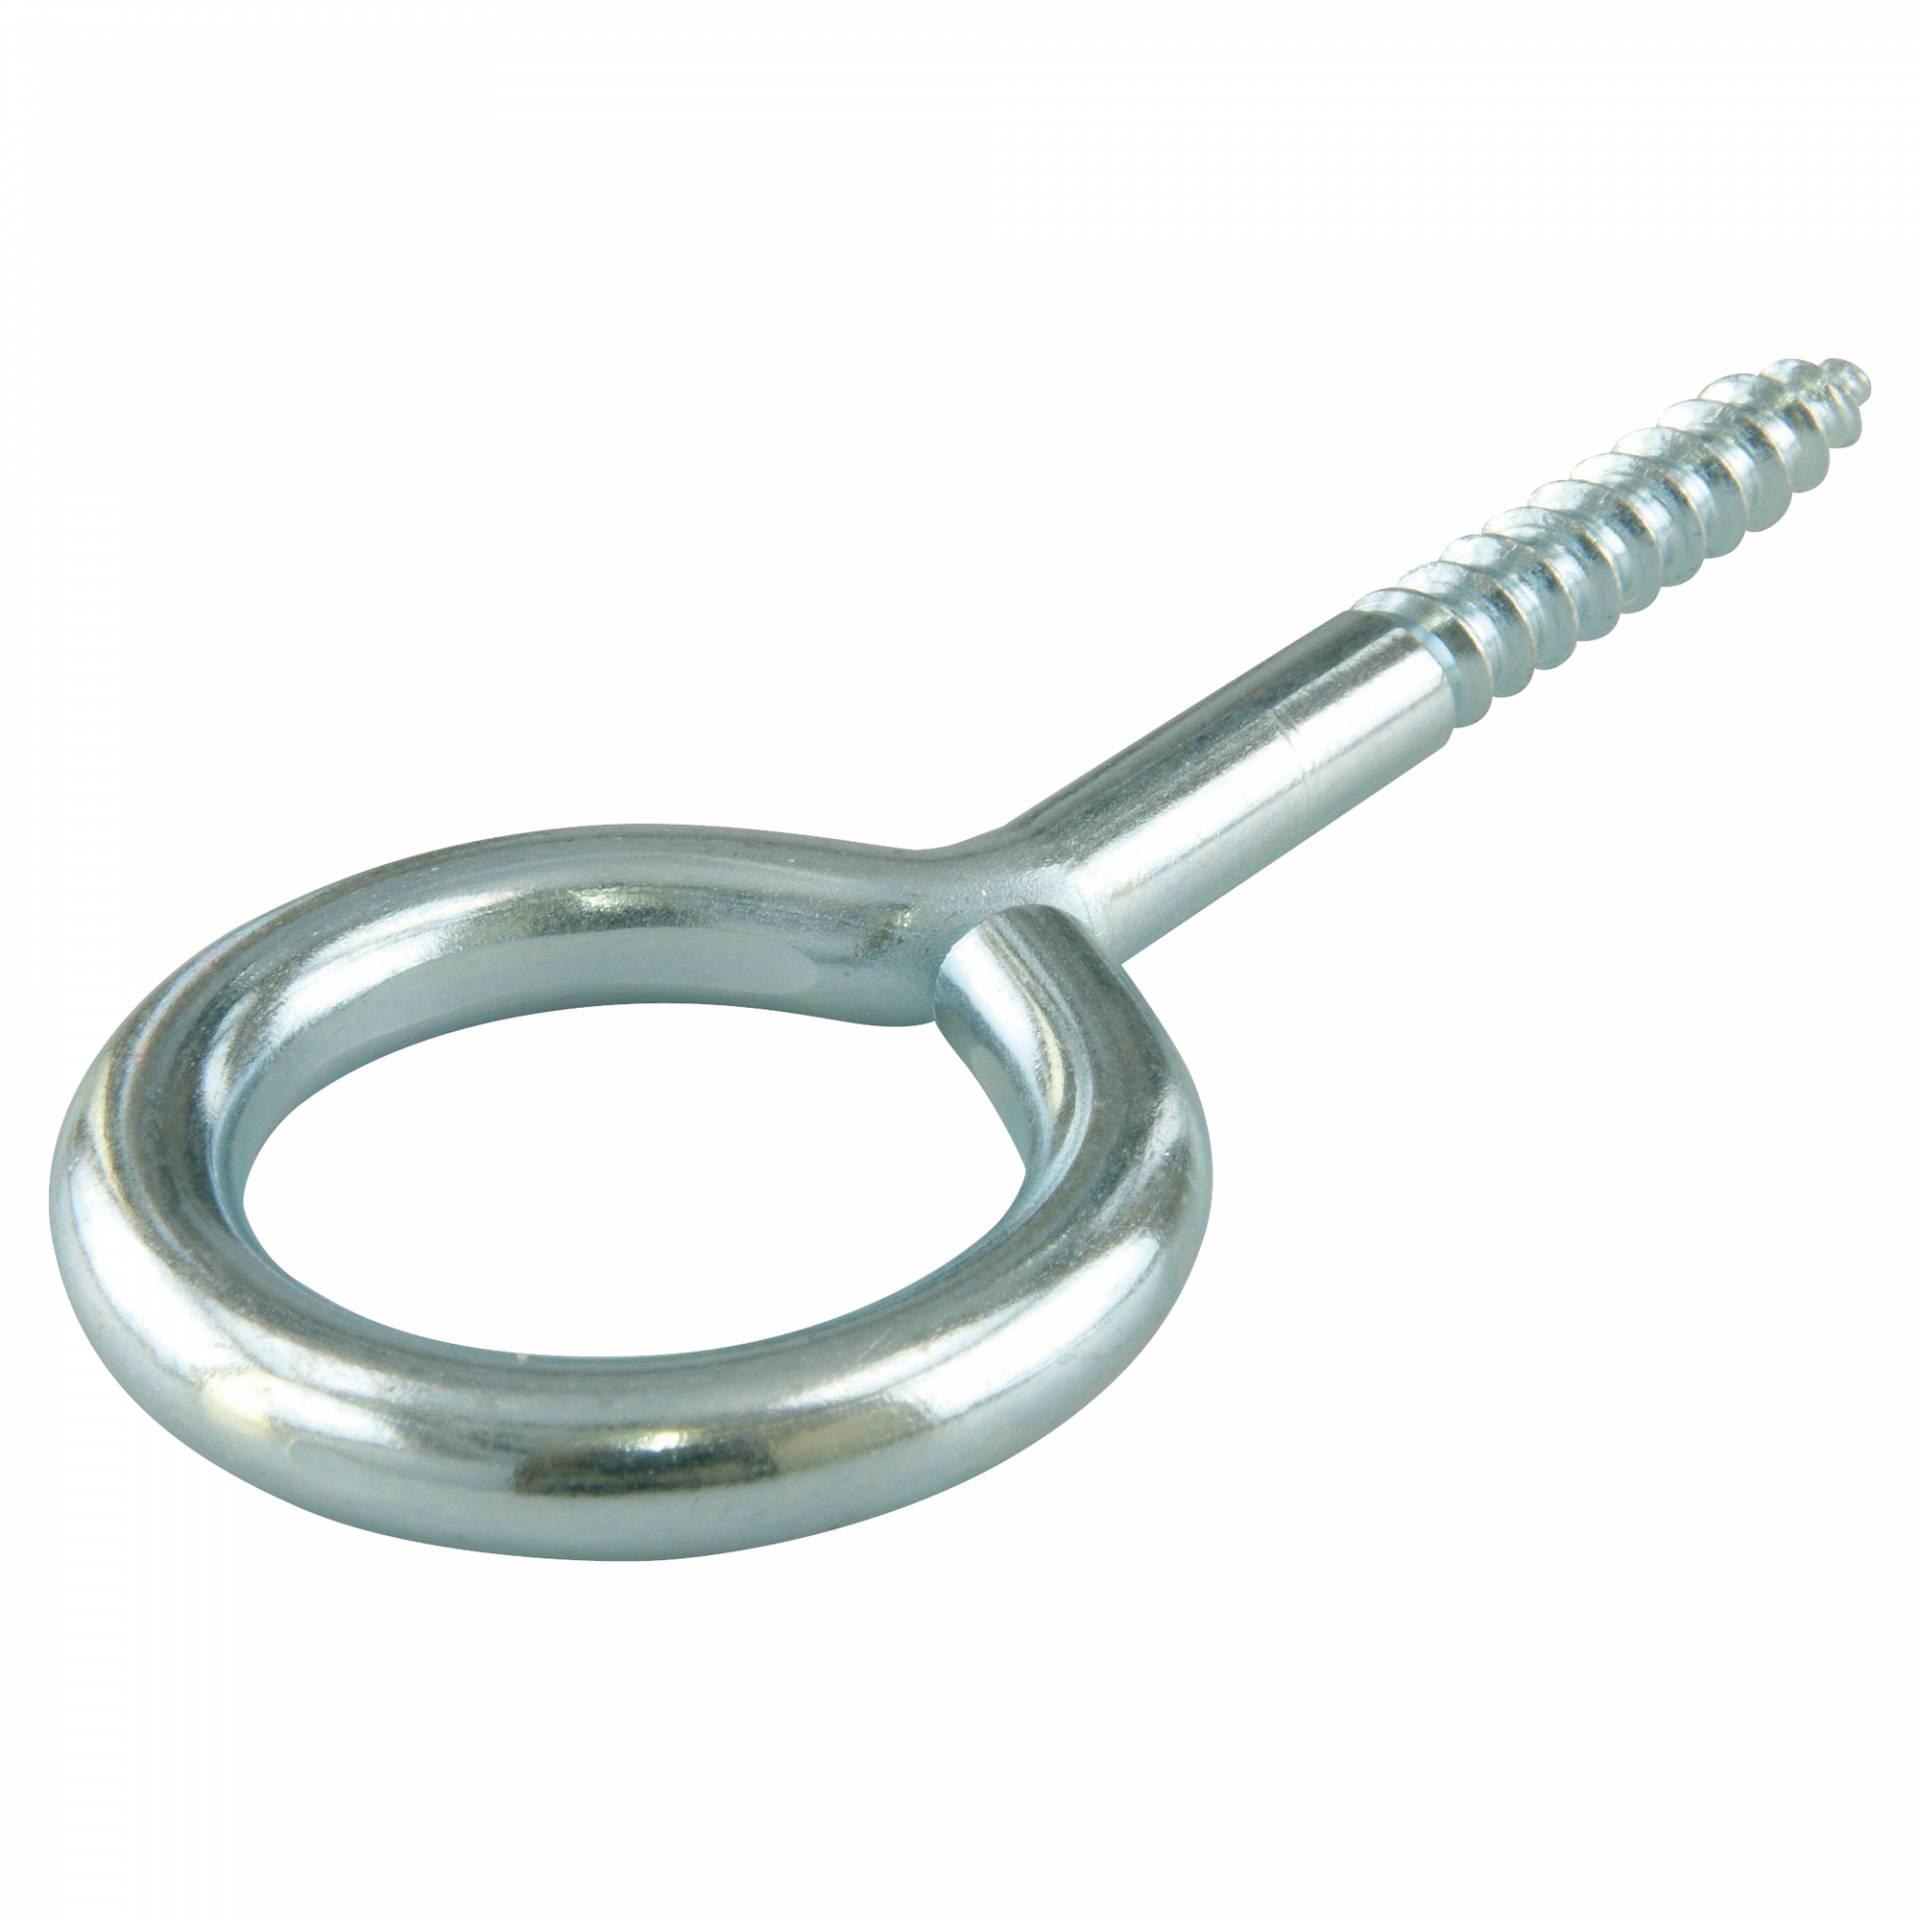 - aus Edelstahl A2 V2A - Ringschrauben - 25 St/ück 4,4 x 40 mm - SC-Normteile/® /Ösenschrauben mit Holzgewinde Gewindel/änge: 25 mm SC9079